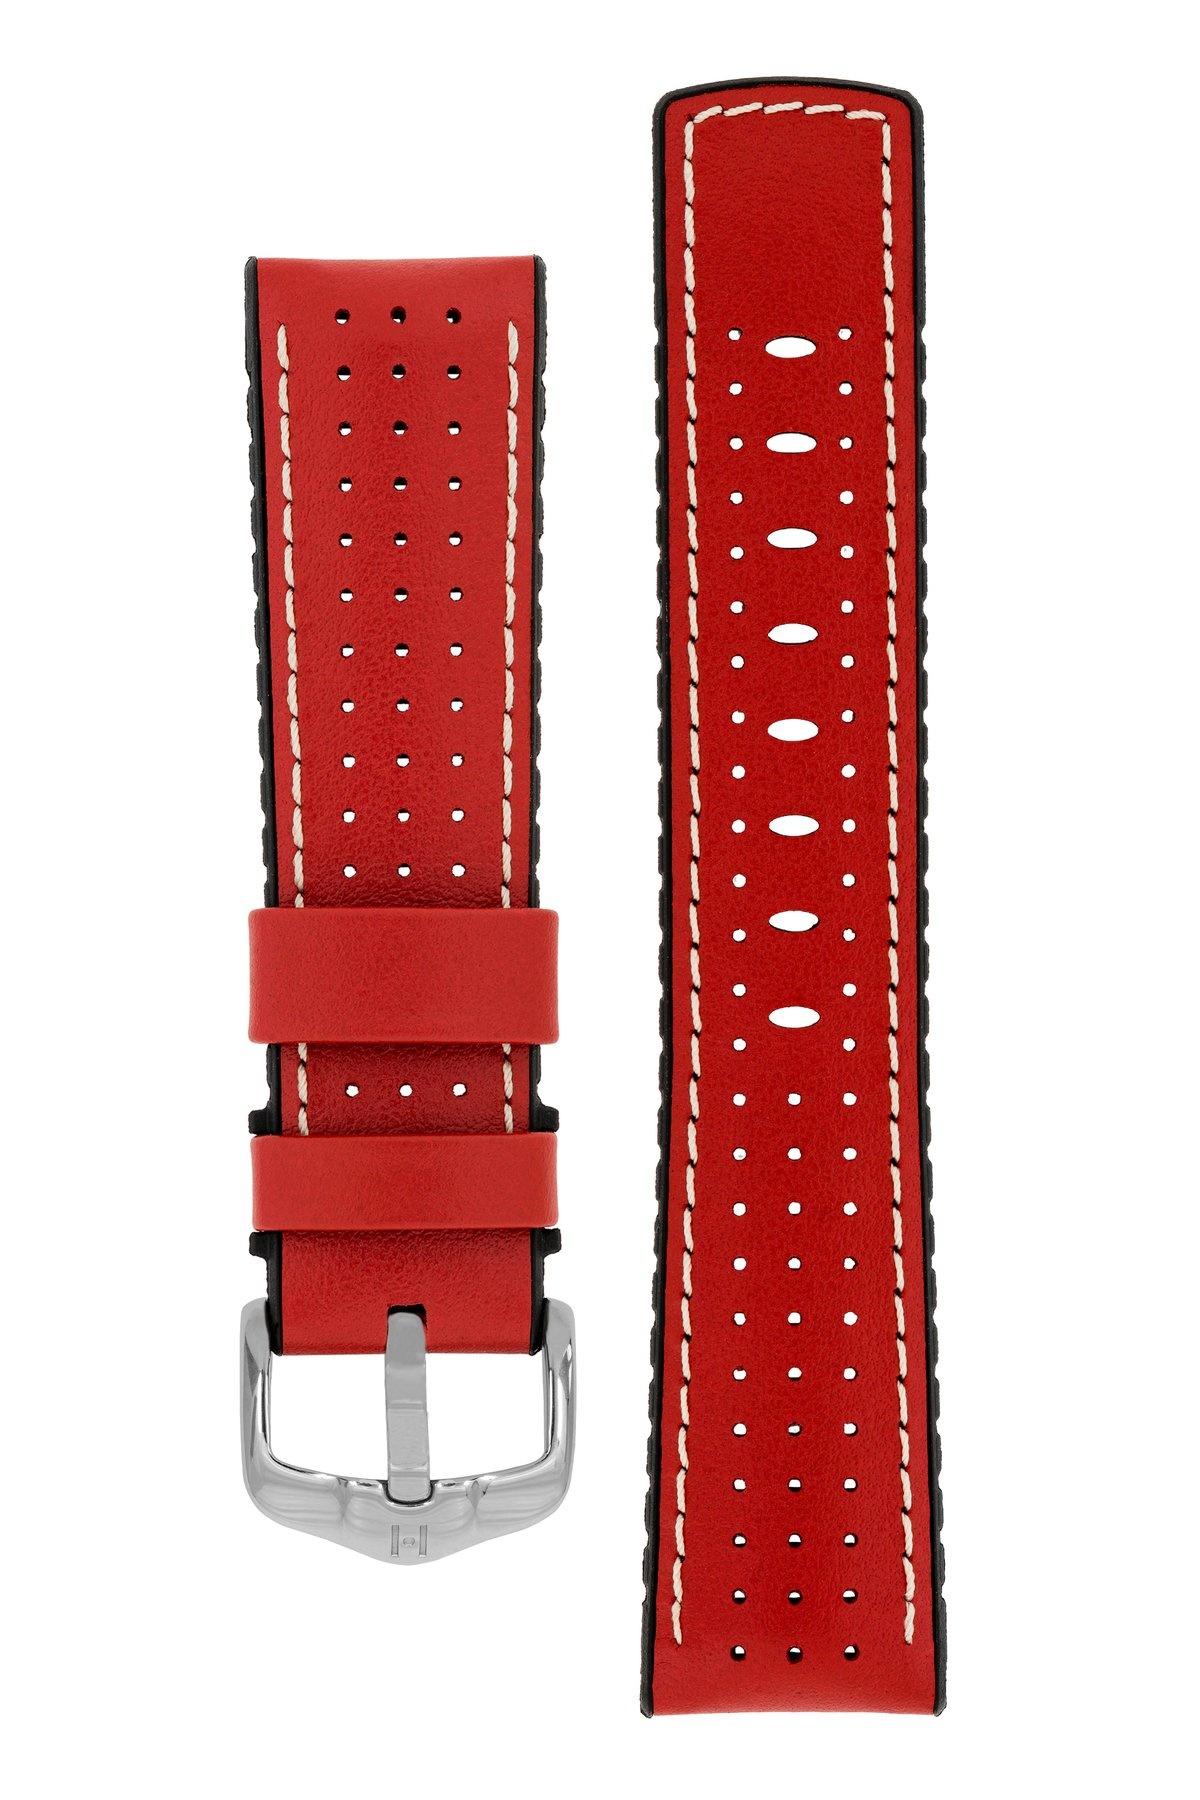 Horlogebandje Tiger Kalfsleer + Premium Caoutchouc (Rubber) 20 mm-10